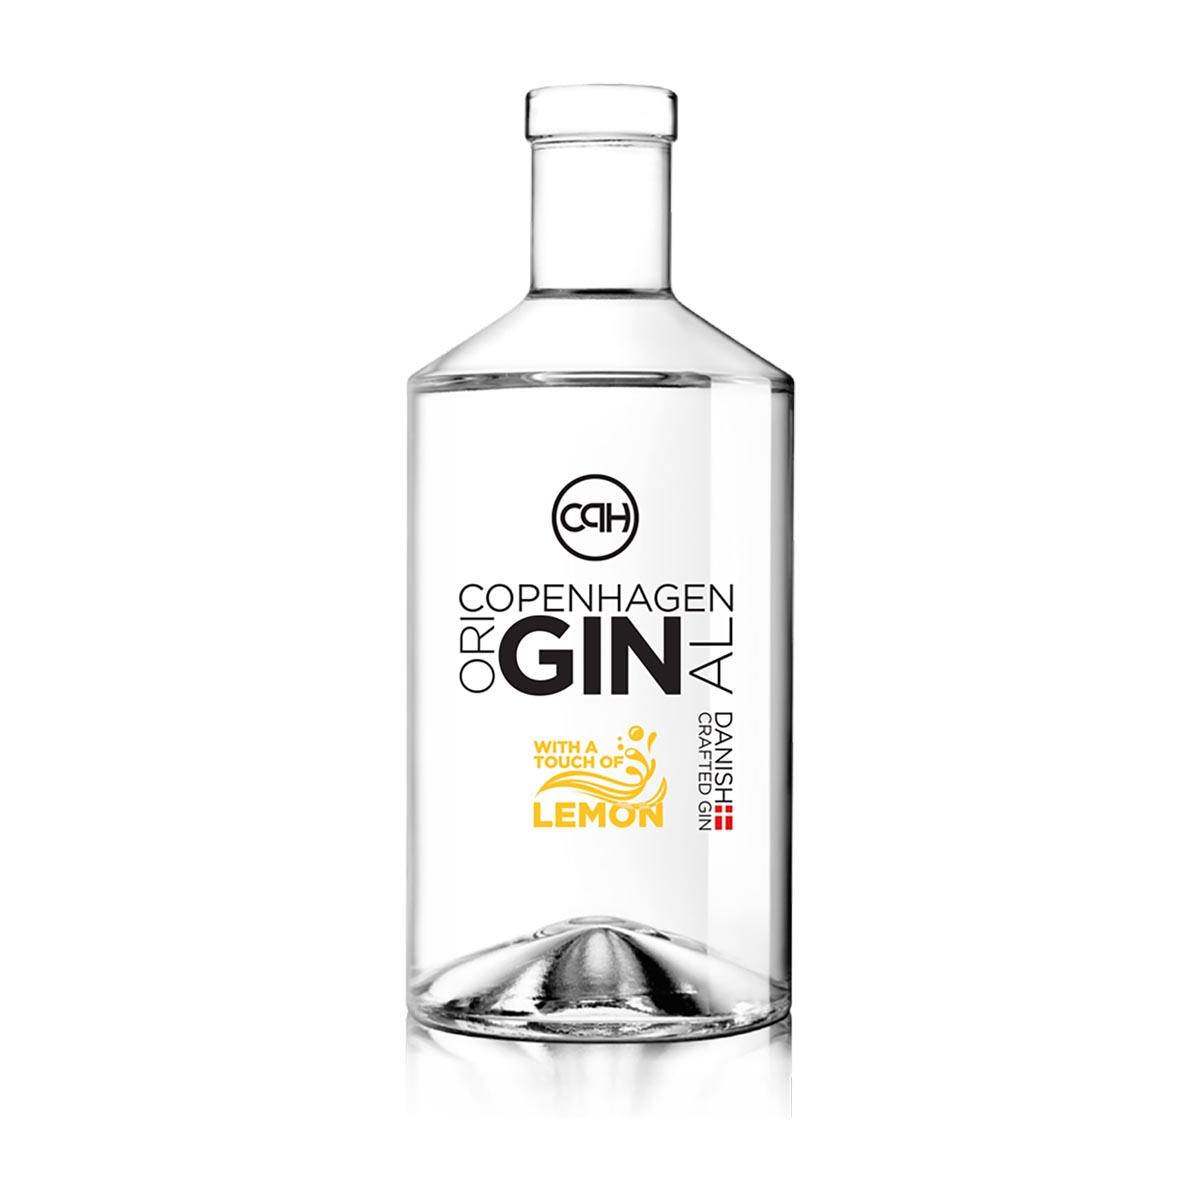 CPH oriGinal gin Lemon